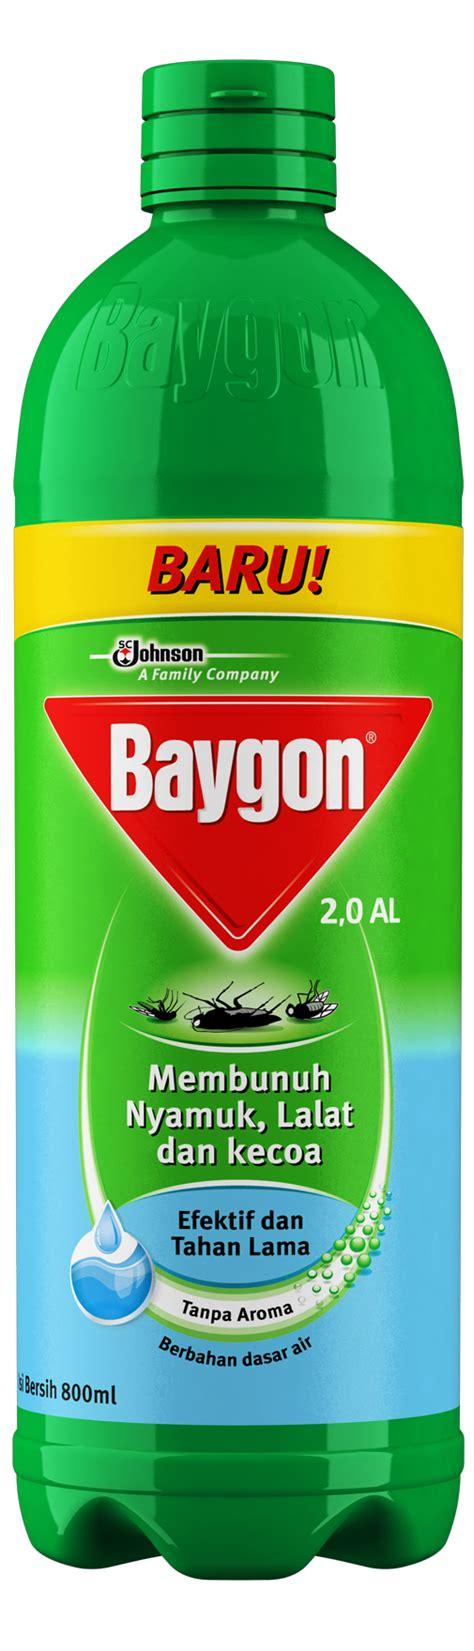 Baygon Flower Garden baygon cair